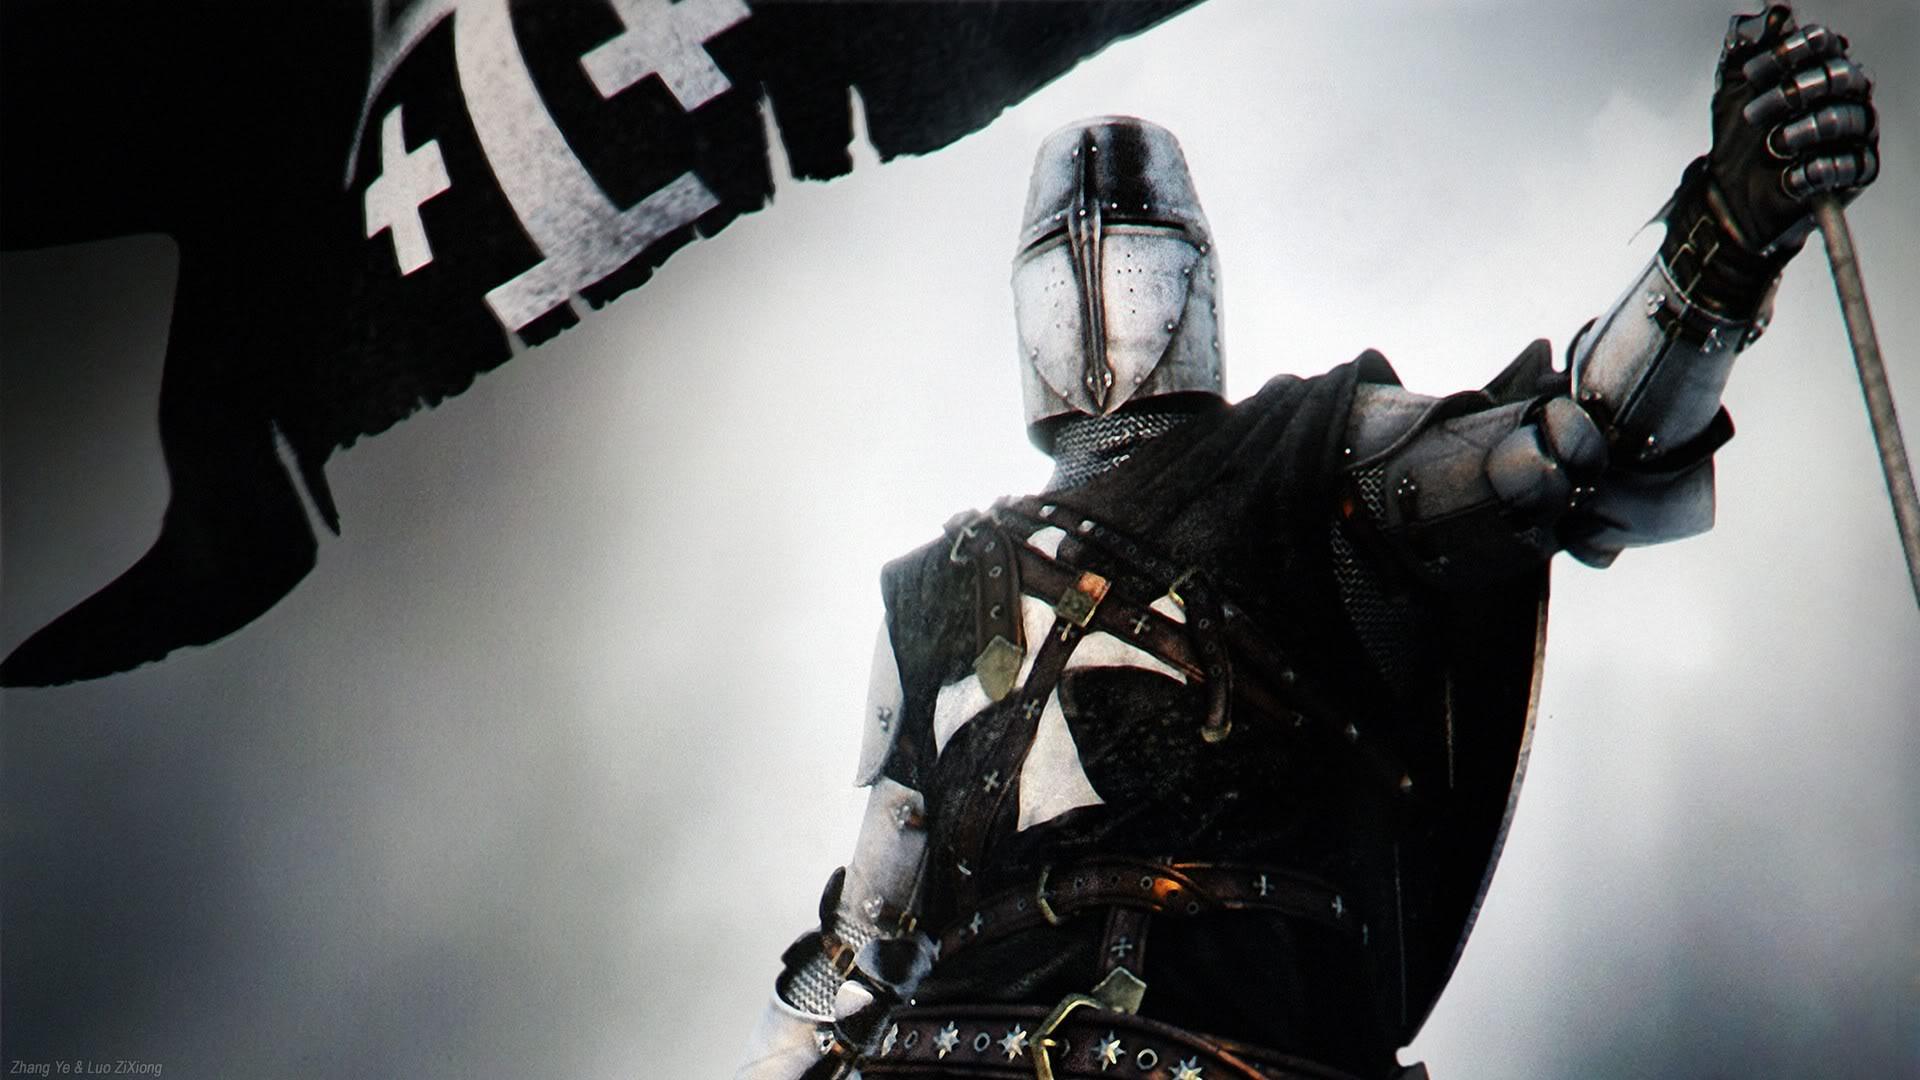 knight templar wallpaper hd